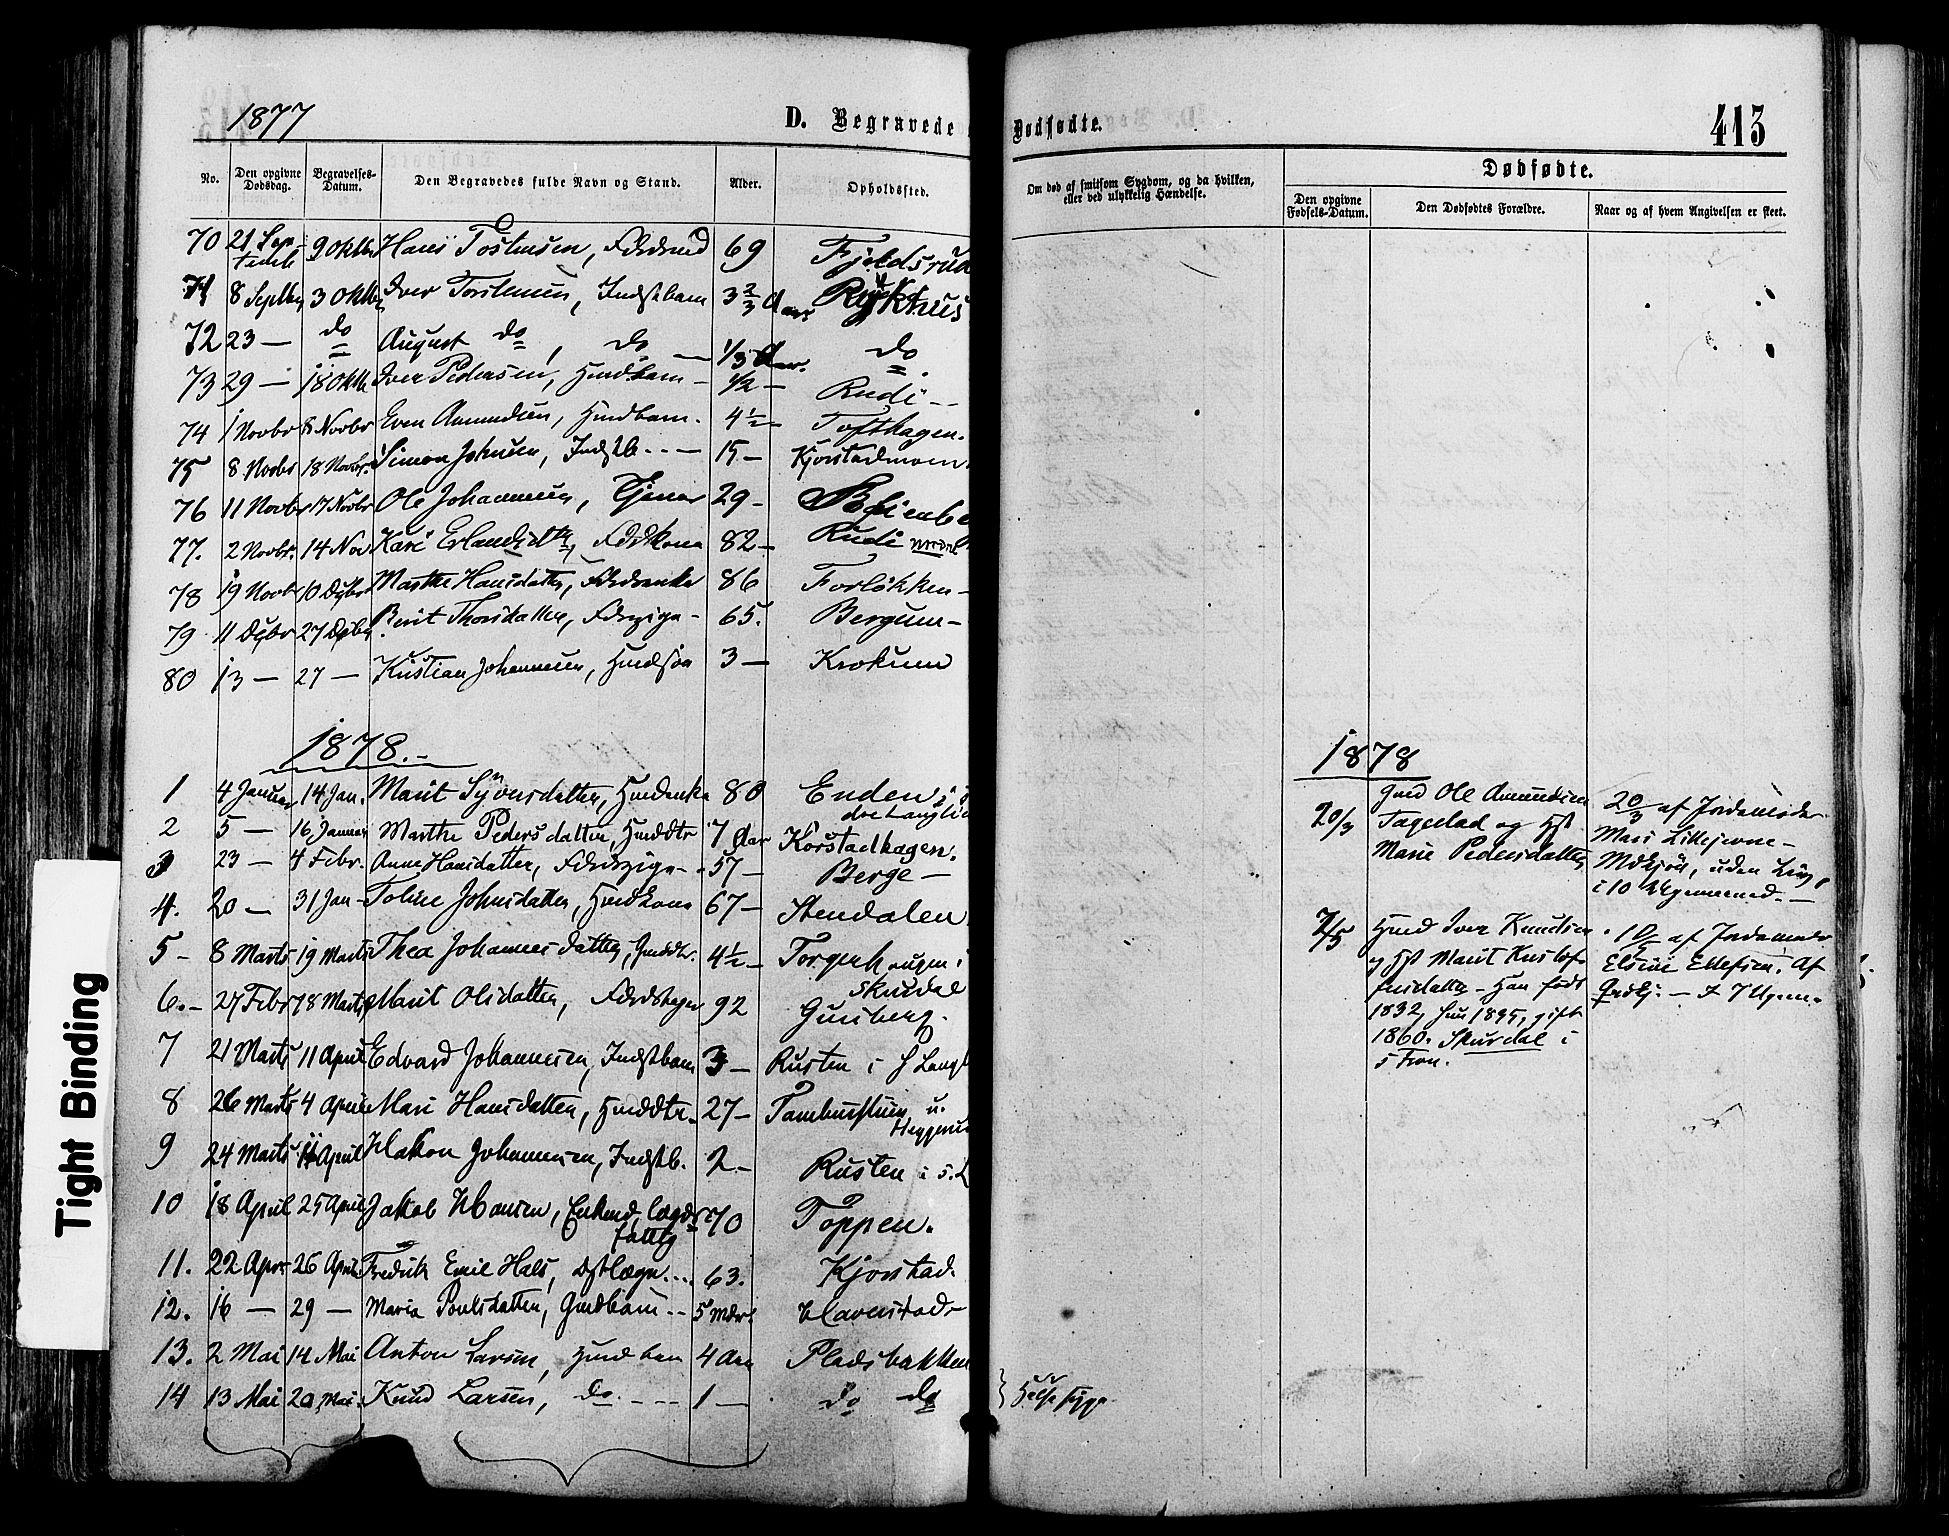 SAH, Sør-Fron prestekontor, H/Ha/Haa/L0002: Ministerialbok nr. 2, 1864-1880, s. 413